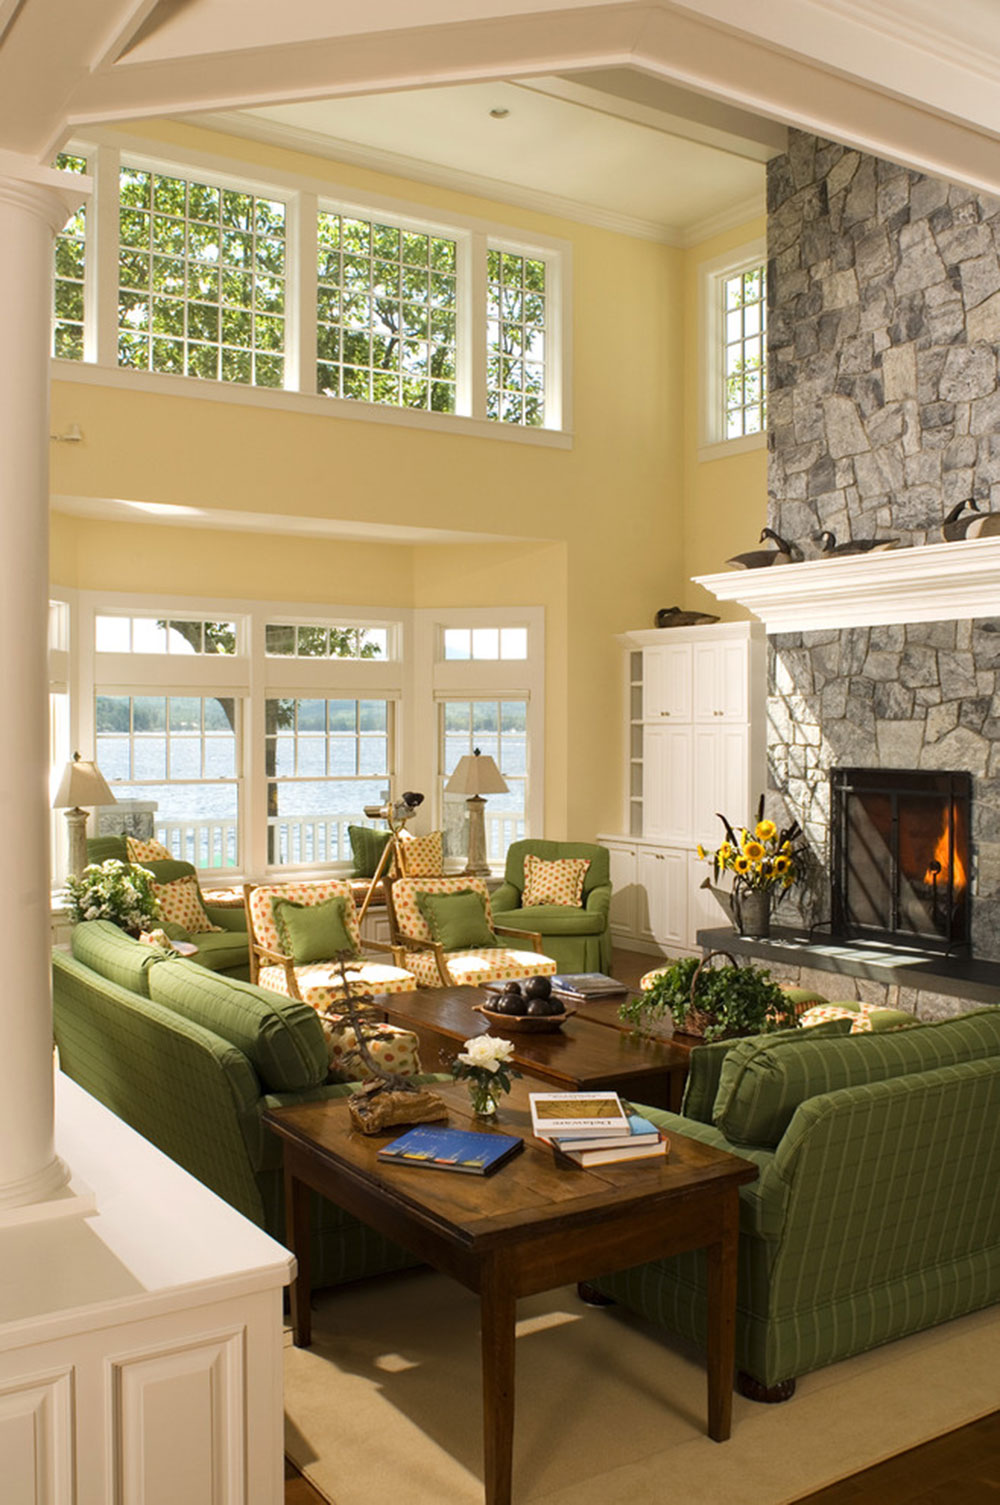 Strålande nyanser av grönt för ditt vardagsrum4 Briljanta nyanser av grönt för ditt vardagsrum